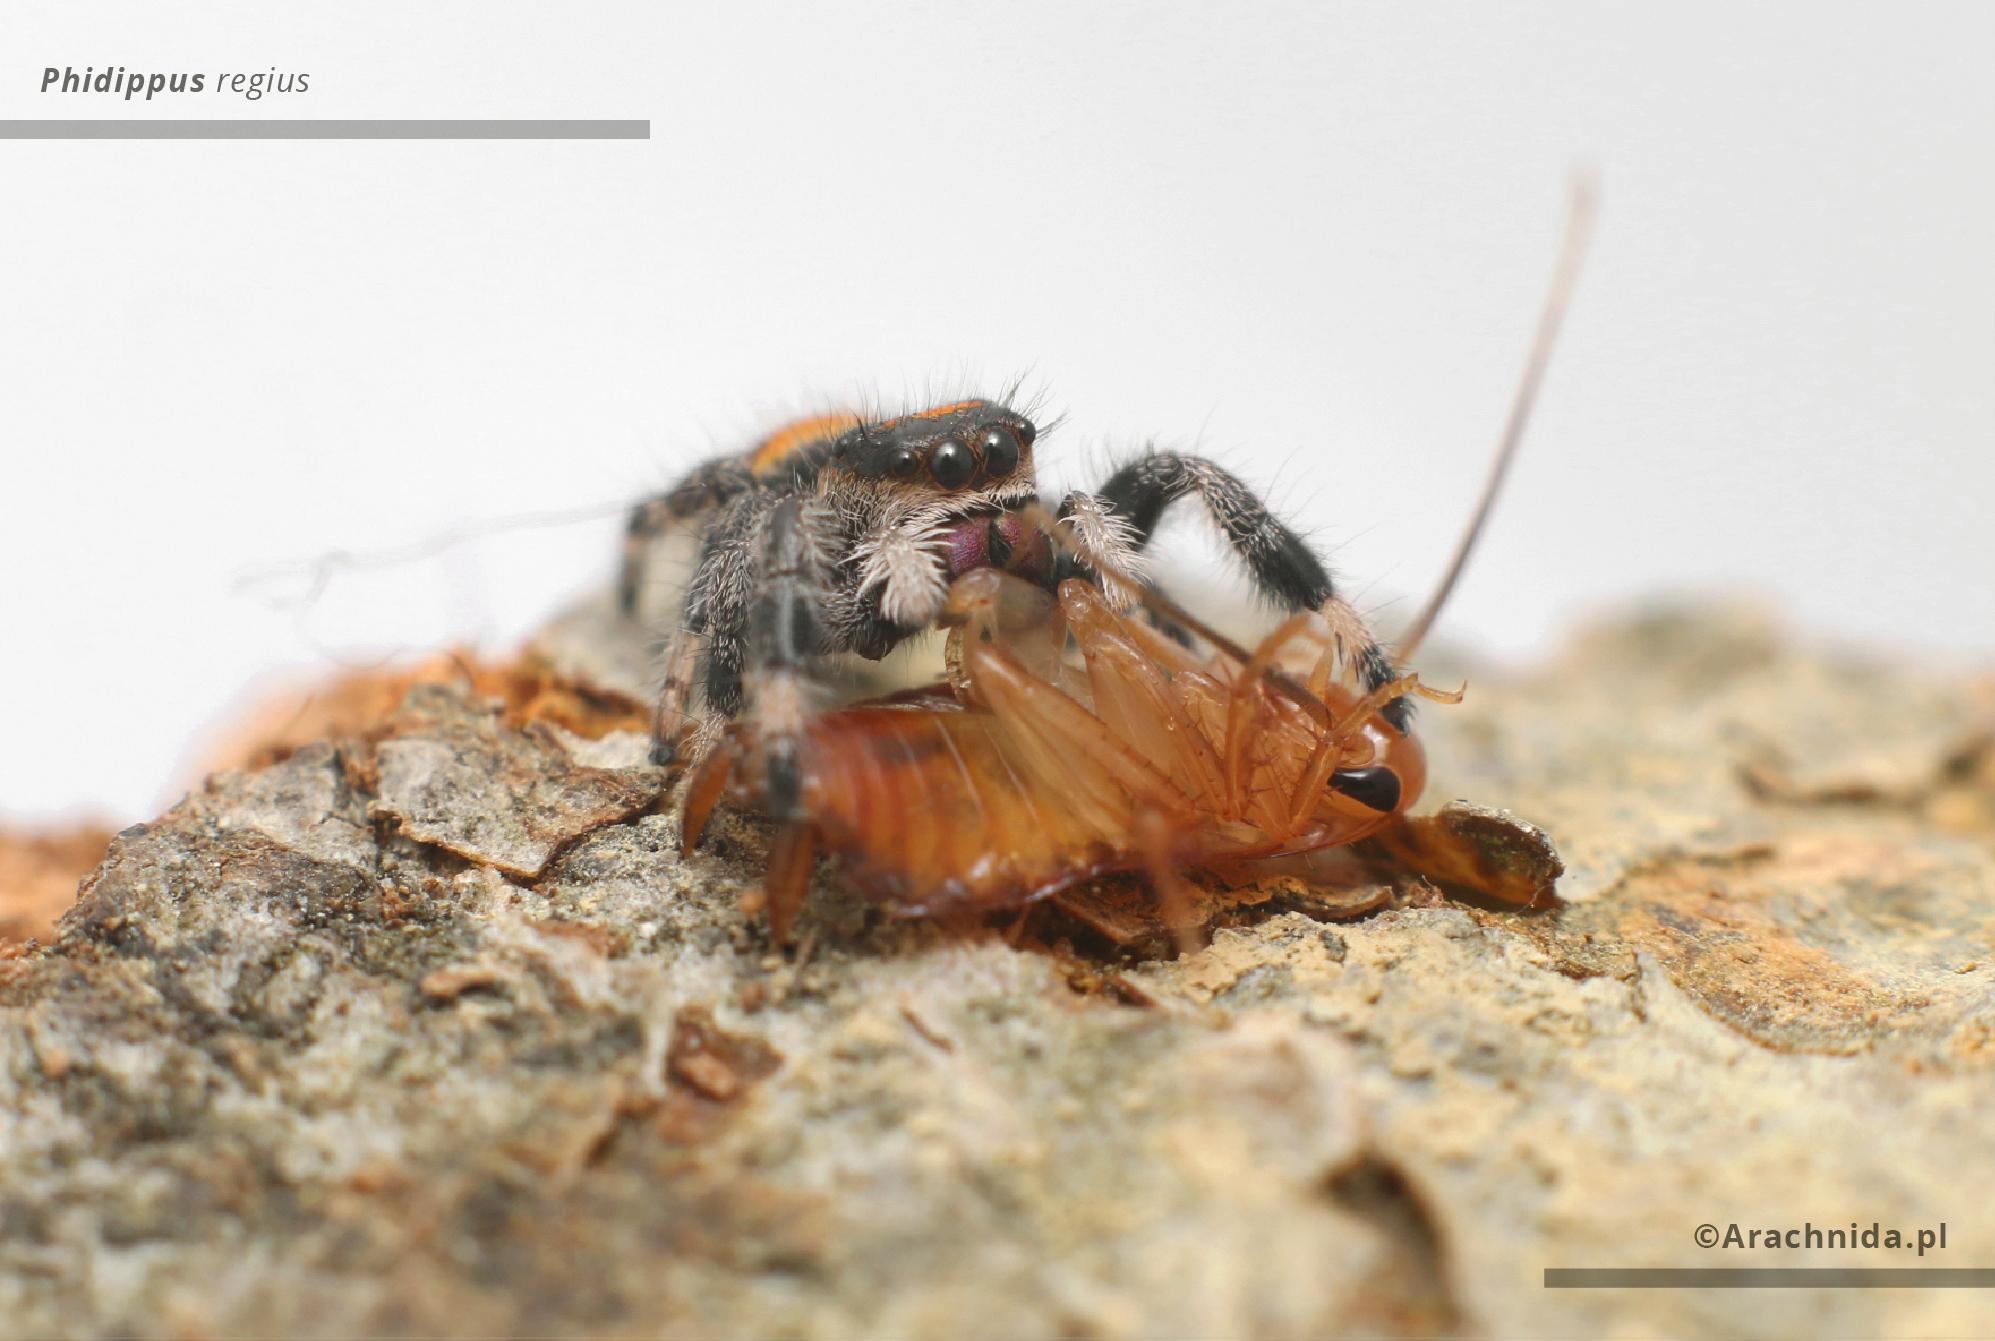 Phidippus regius eating